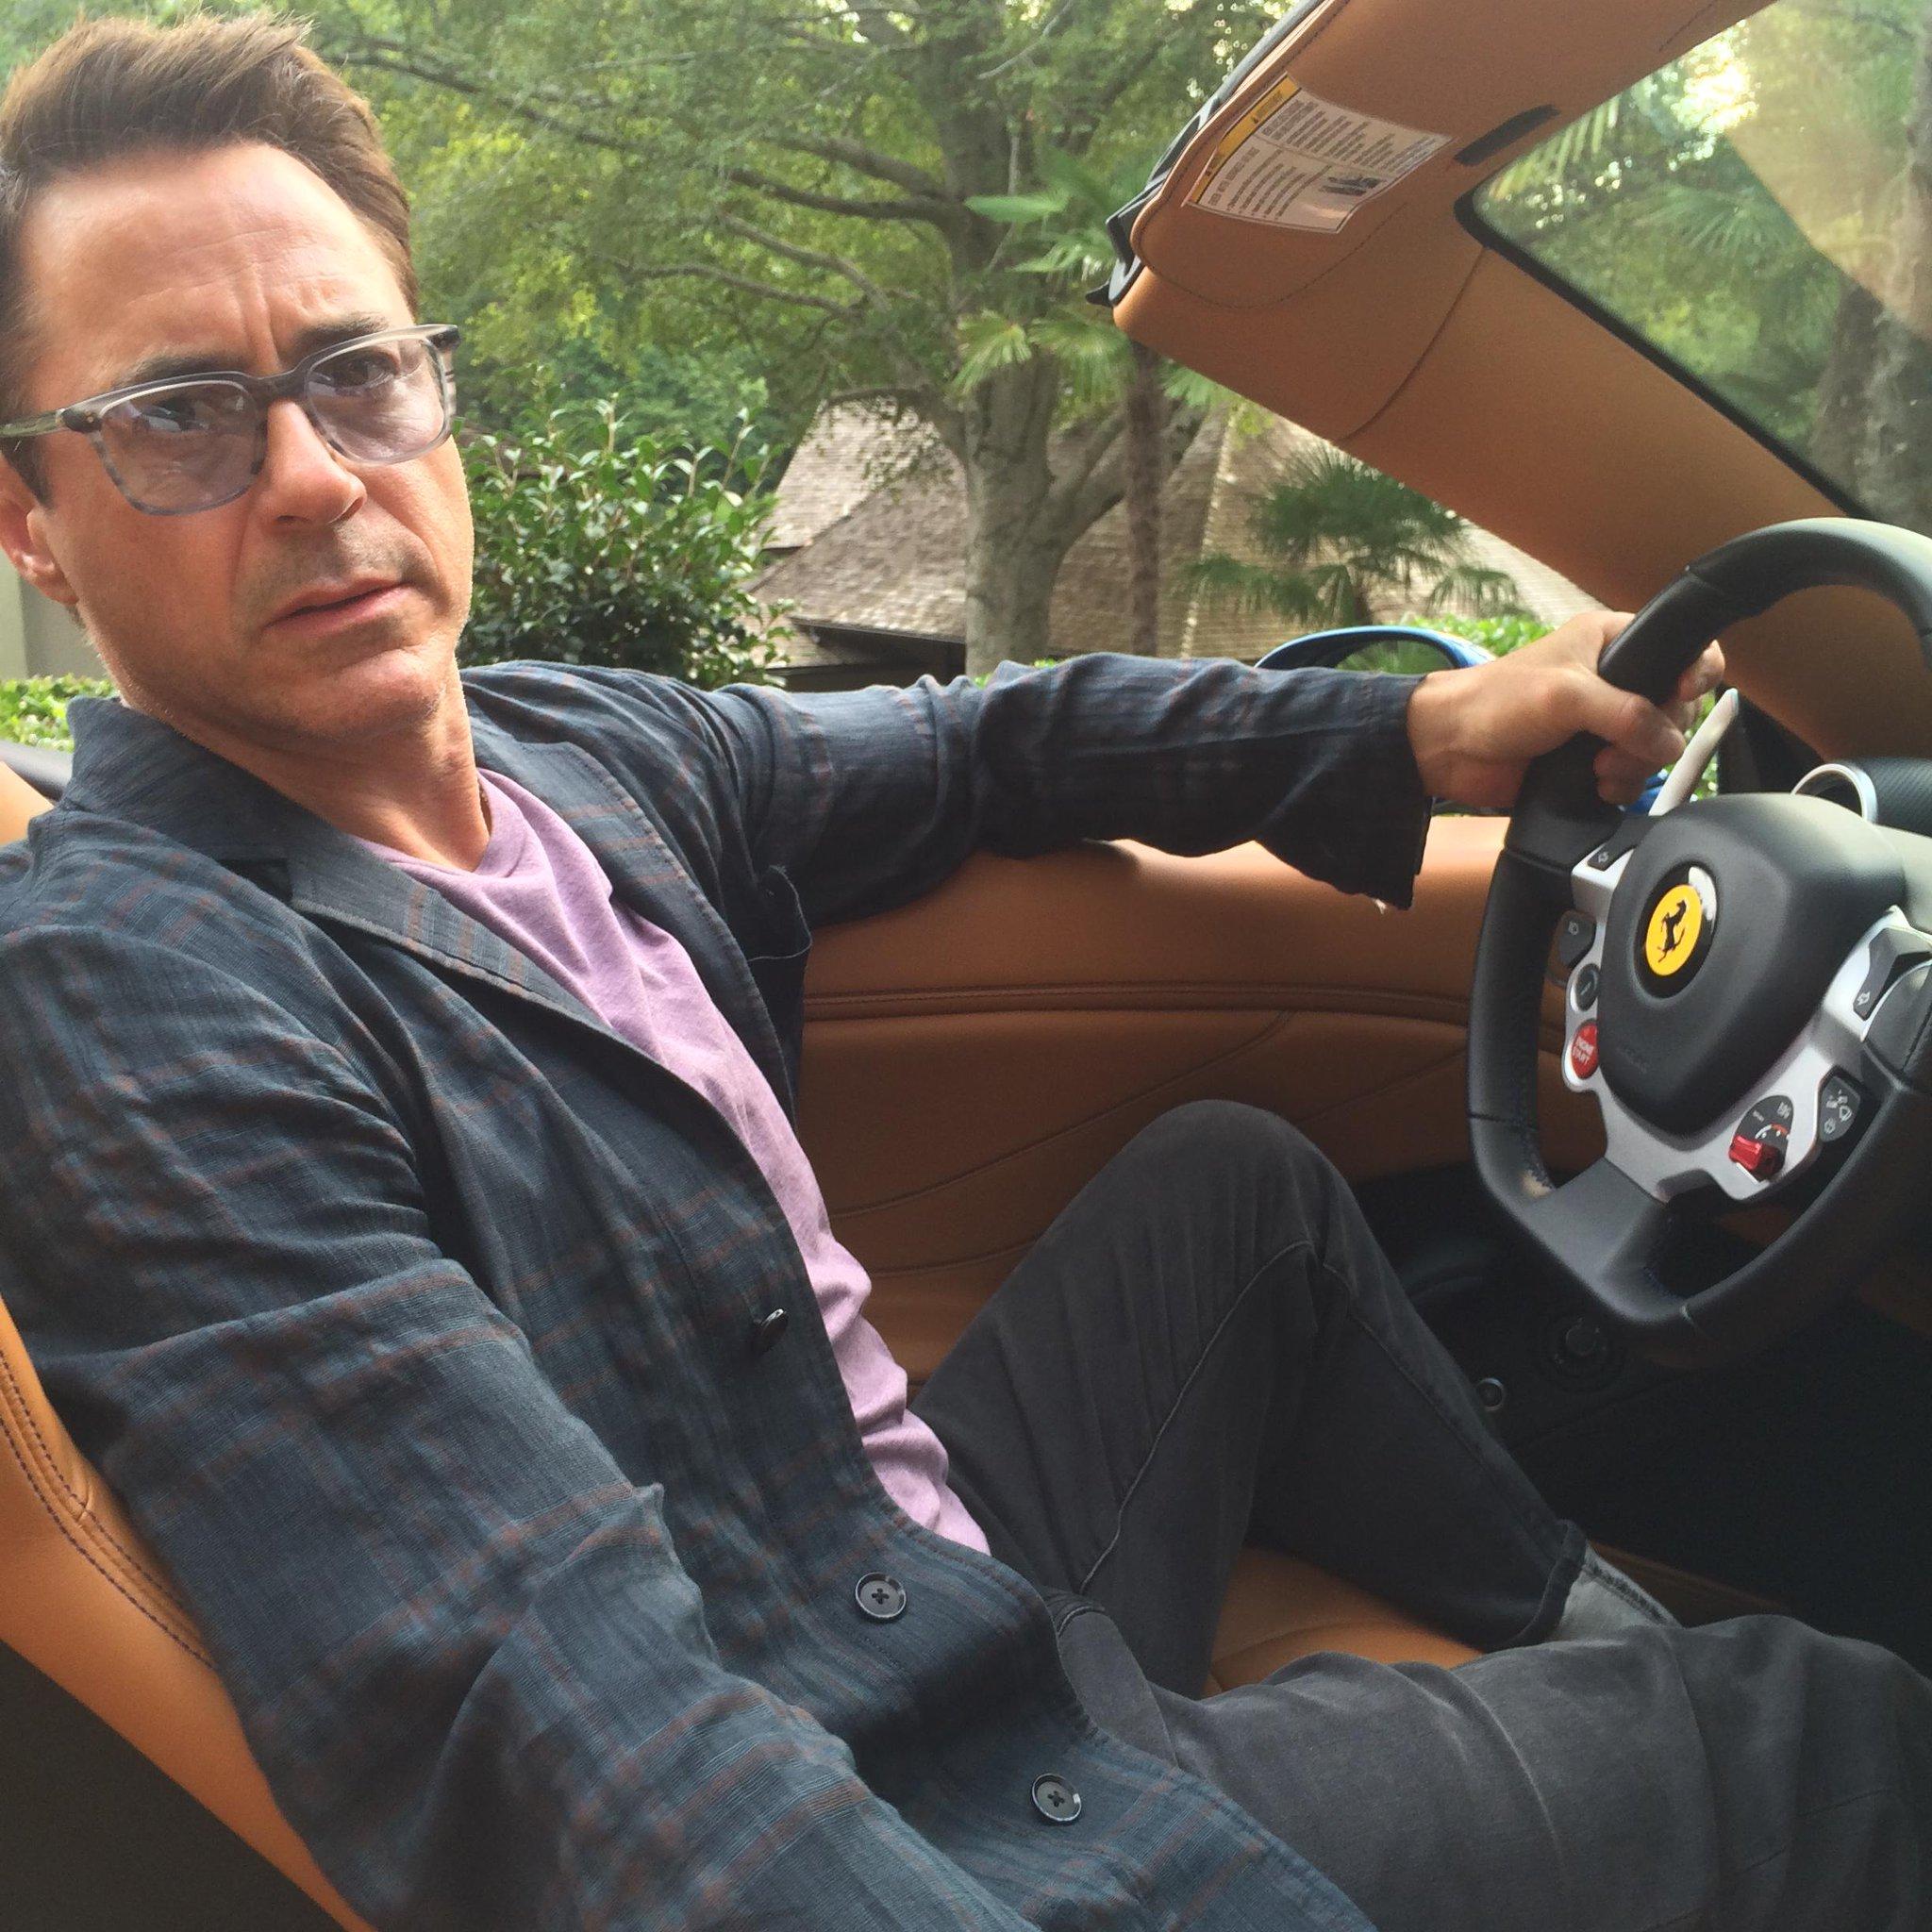 I dub this day #FerrariFriday. http://t.co/Zj9EDufiUm